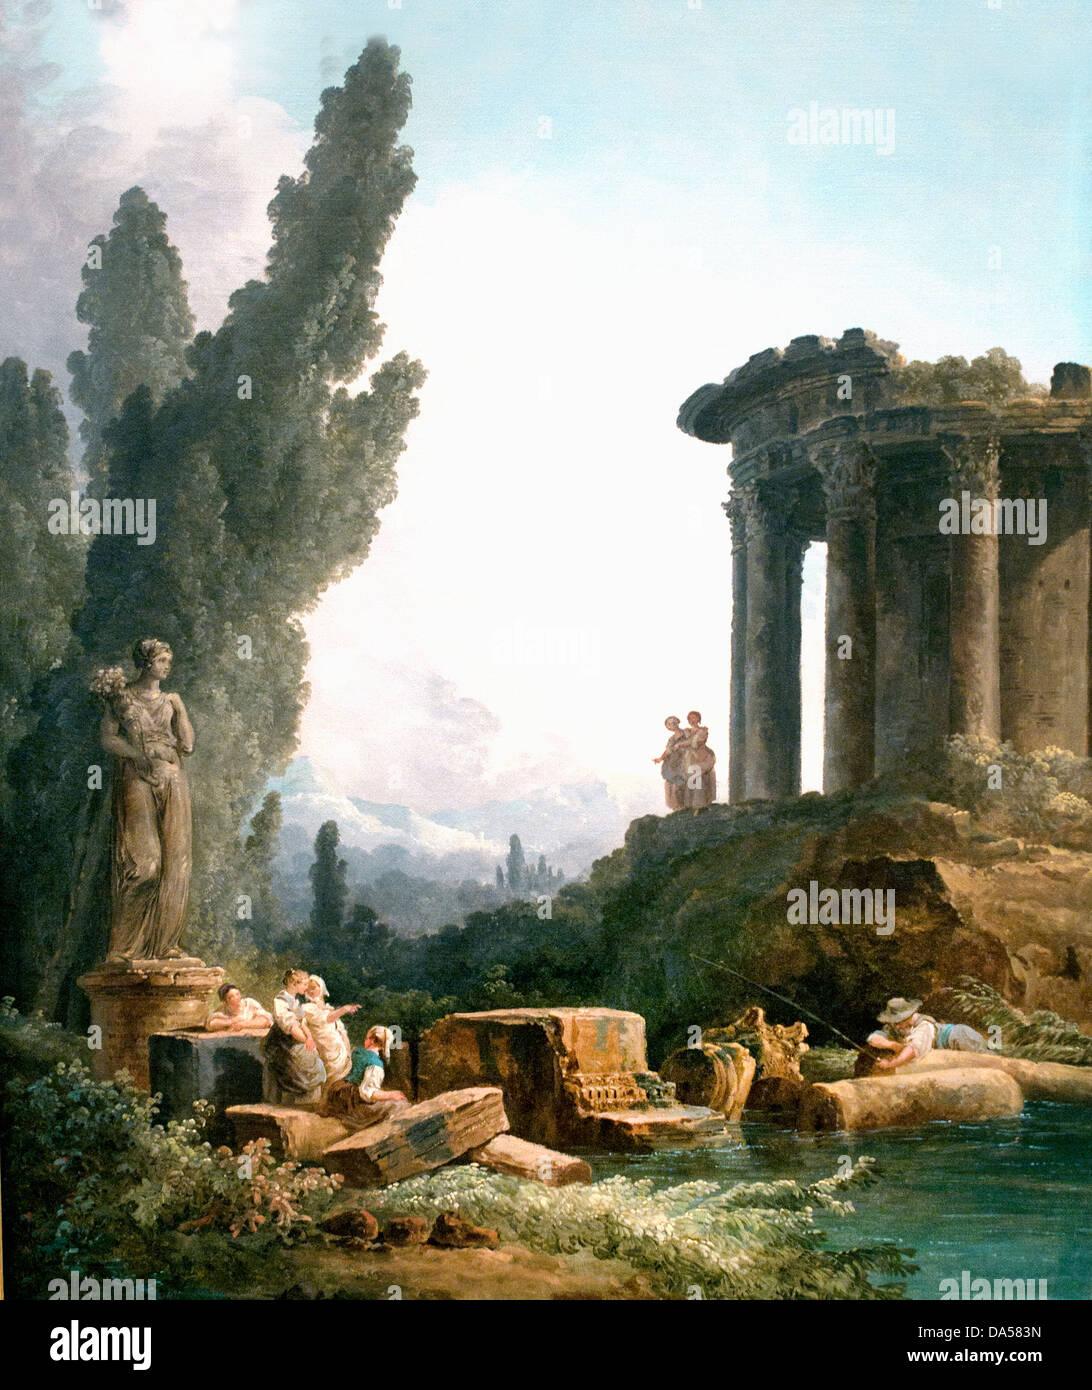 Ruinas antiguas niñas delante de una estatua en frente de una estatua de la abundancia 1779 Hubert Robert 1733 Imagen De Stock